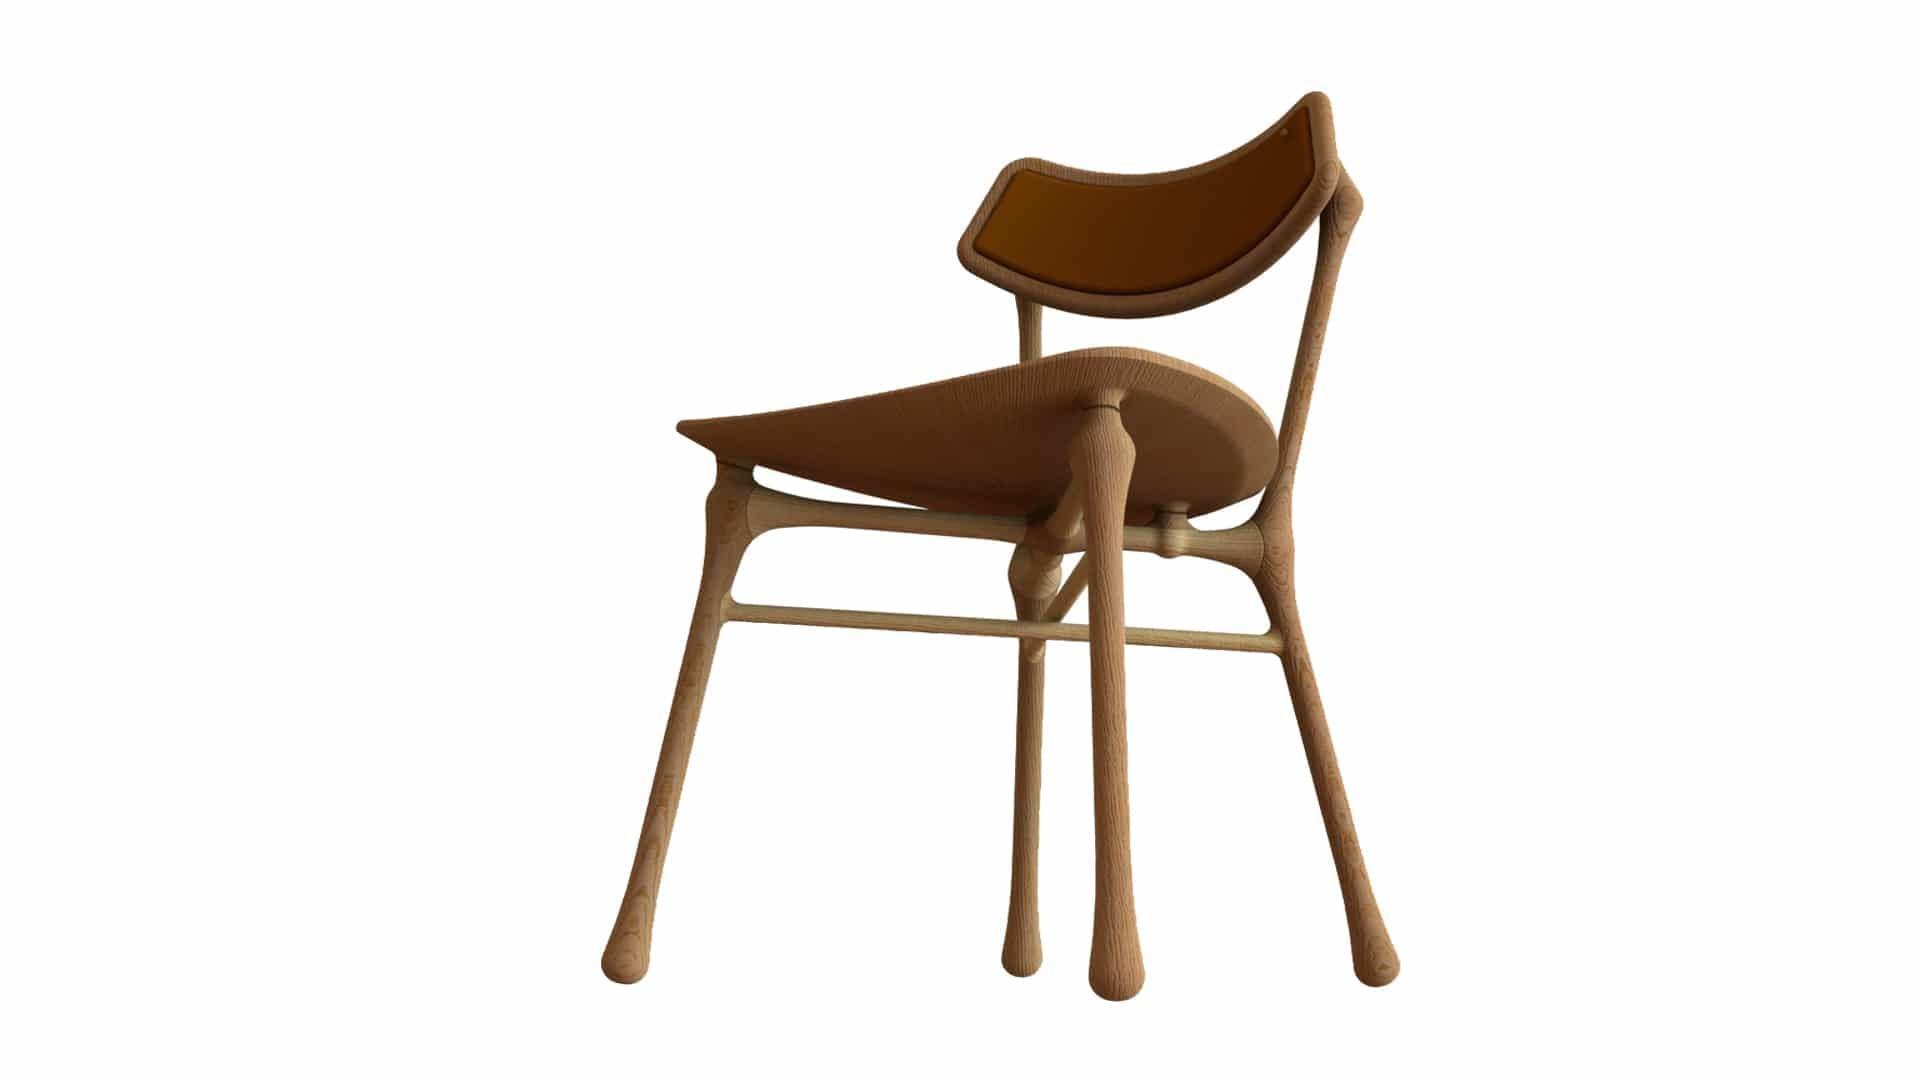 Design Chair Tata Designer Estudiobola